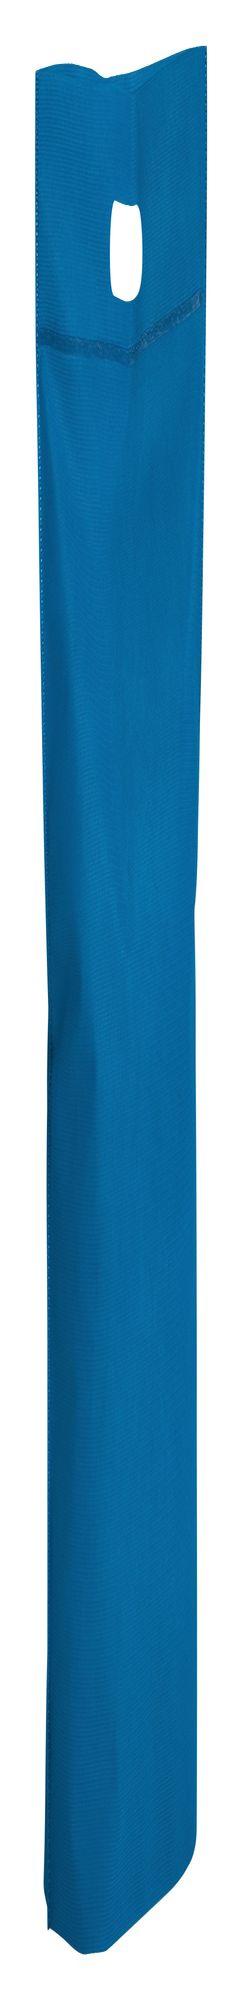 Сумка Carryall, большая, синяя фото